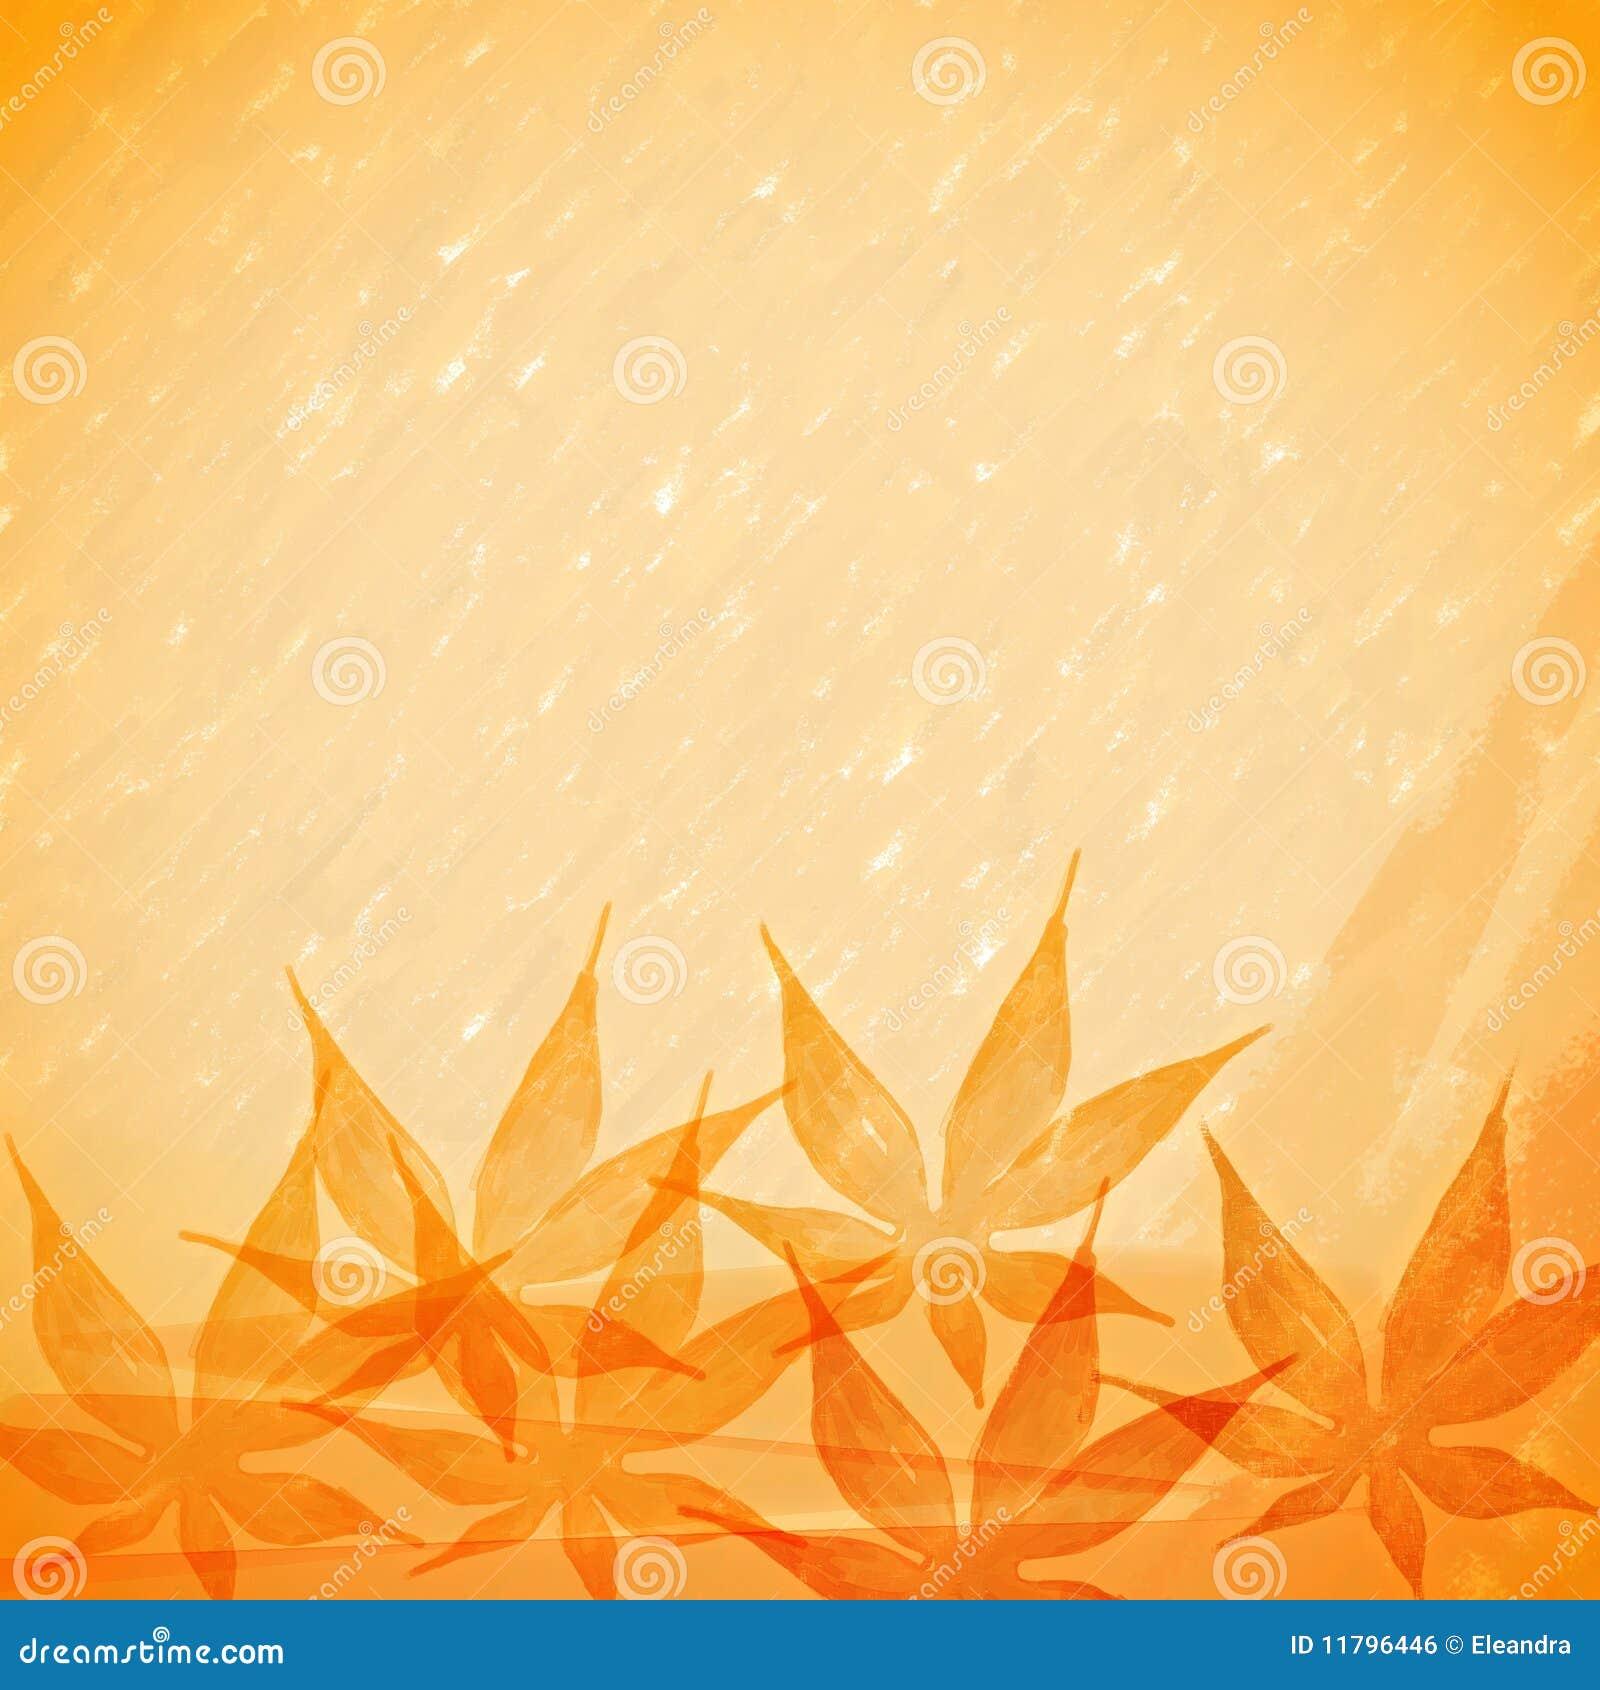 orange background free stock - photo #13